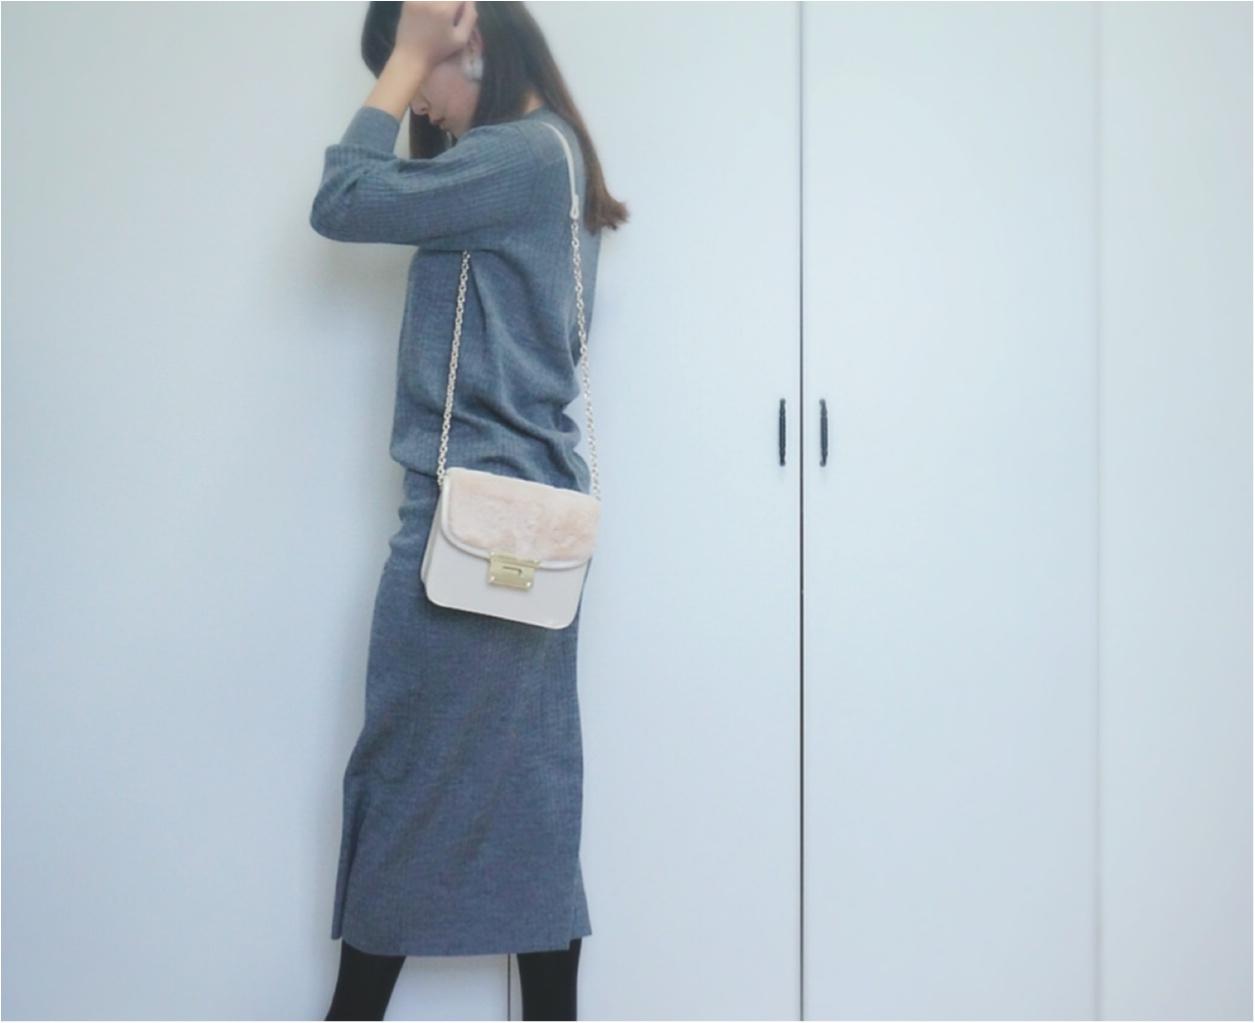 """大大ヒット❤️【UNIQLO】""""メリノブレンドリブスカート""""がついに限定価格に!今なら¥3980で叶う《ニットアップ》コーデ❤️_5"""